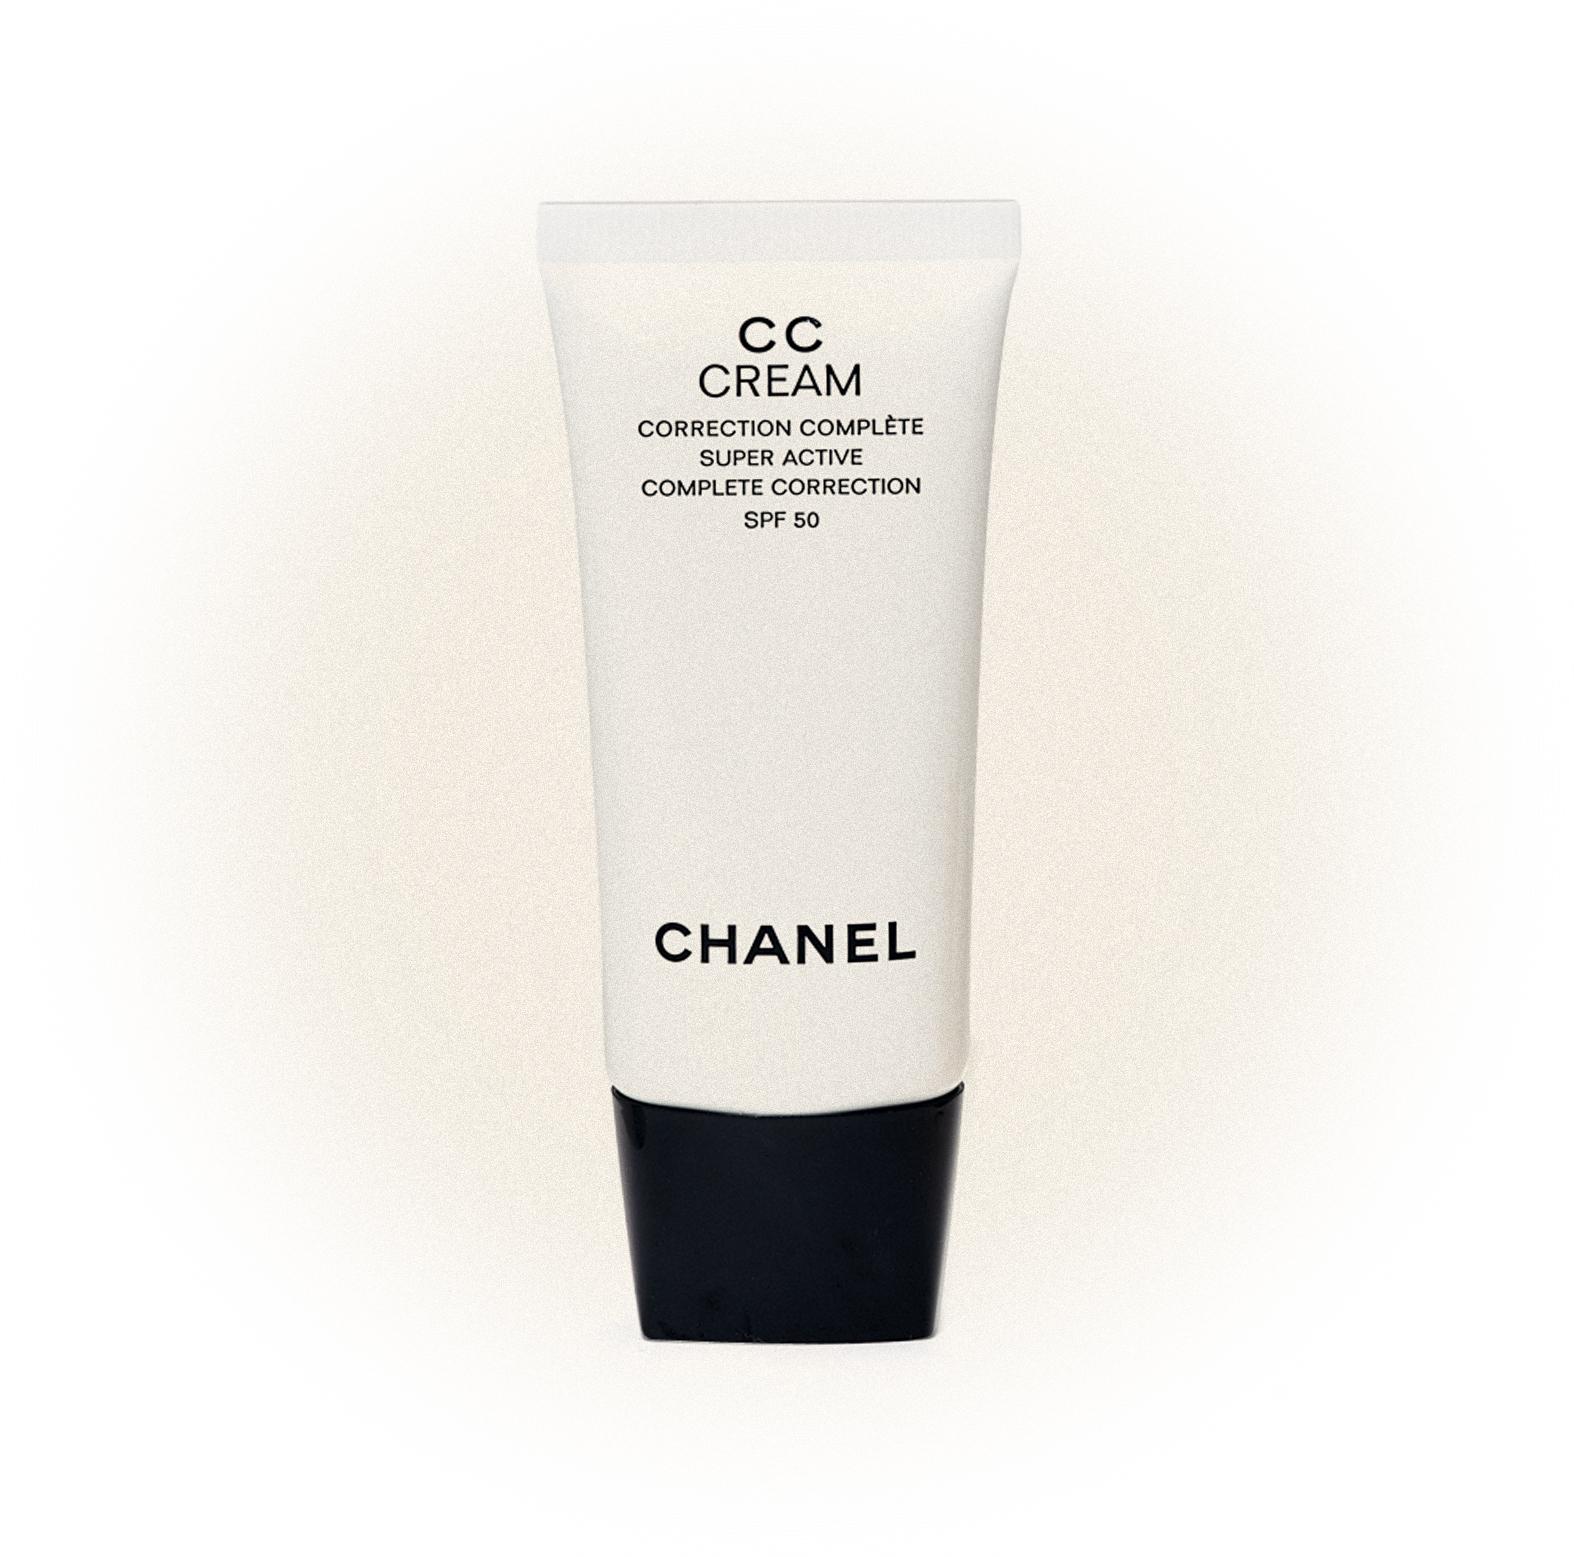 CC Cream SPF 50, Chanel